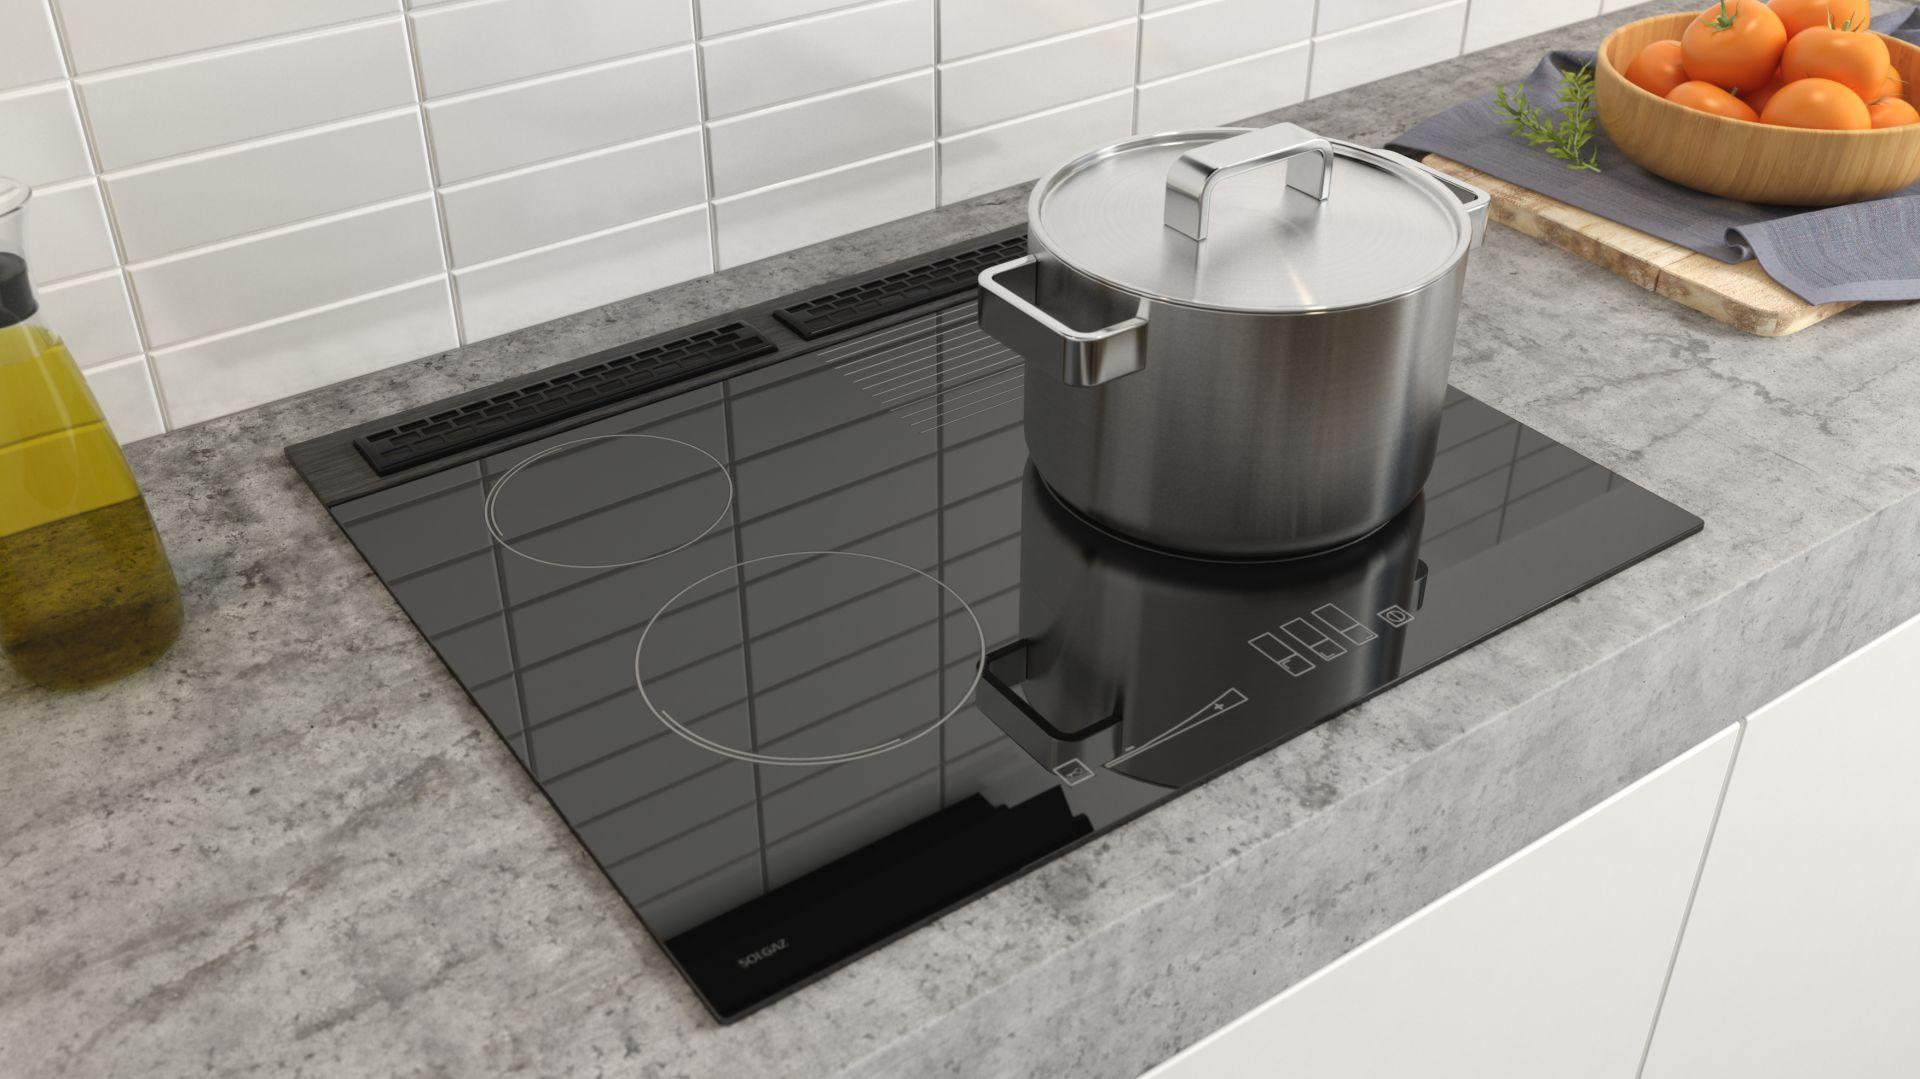 Płyta z ukrytymi palnikami - bezpieczna kuchenka dla seniora